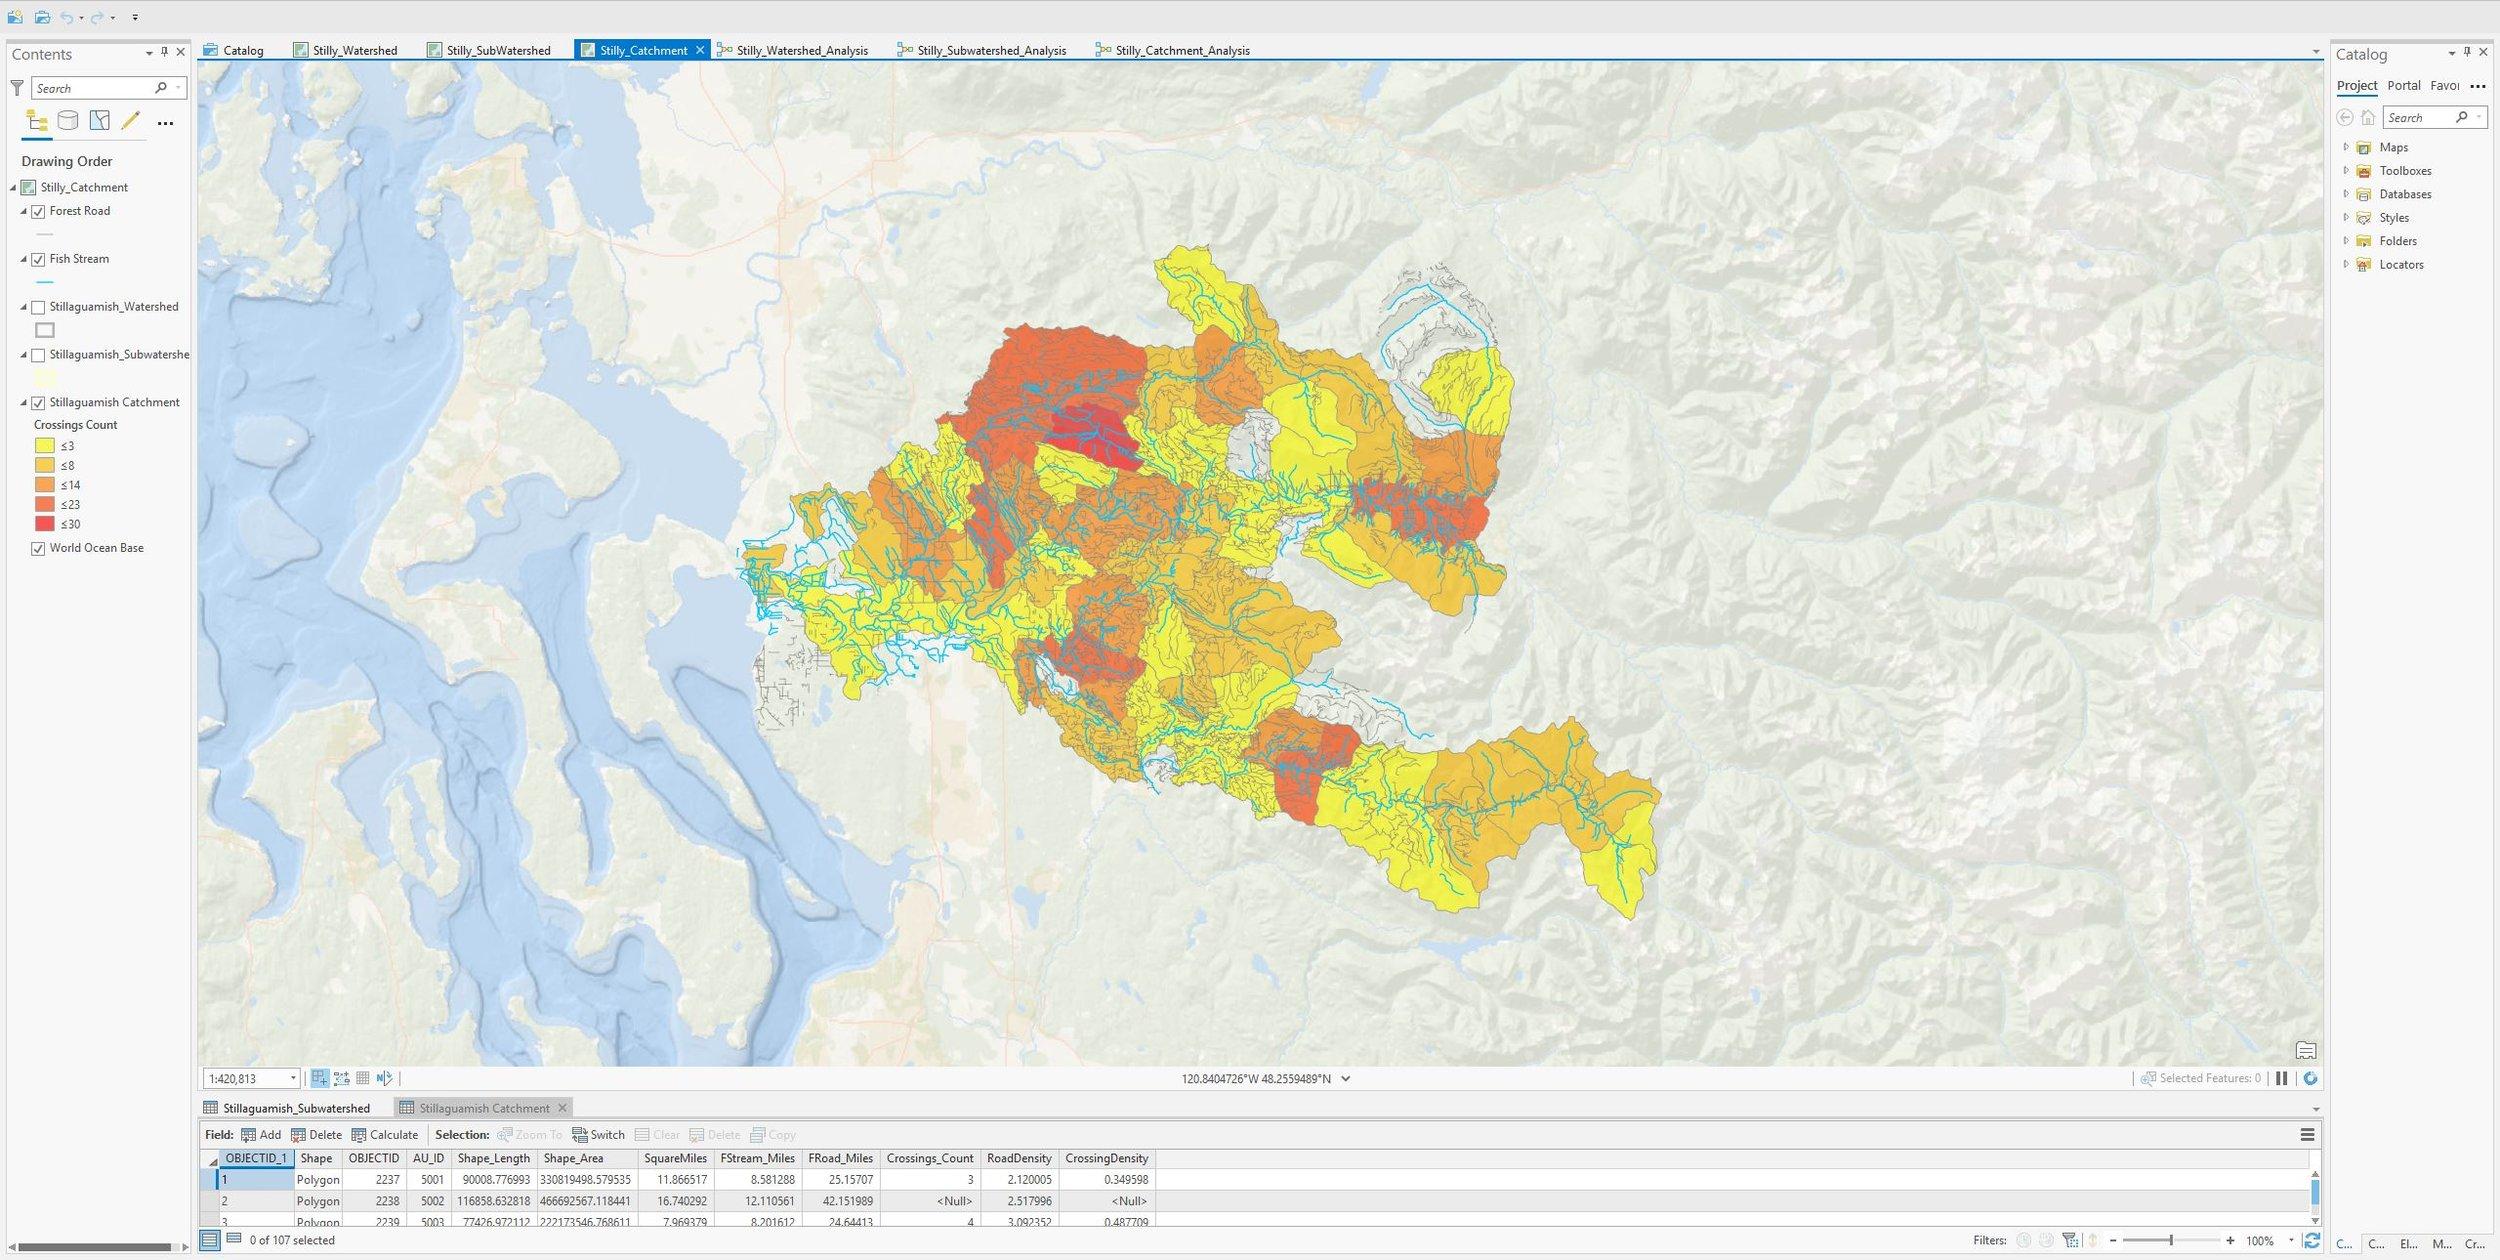 Hitchner_ENVS421_Lab4_Stillaguamish_catchments_Map.JPG